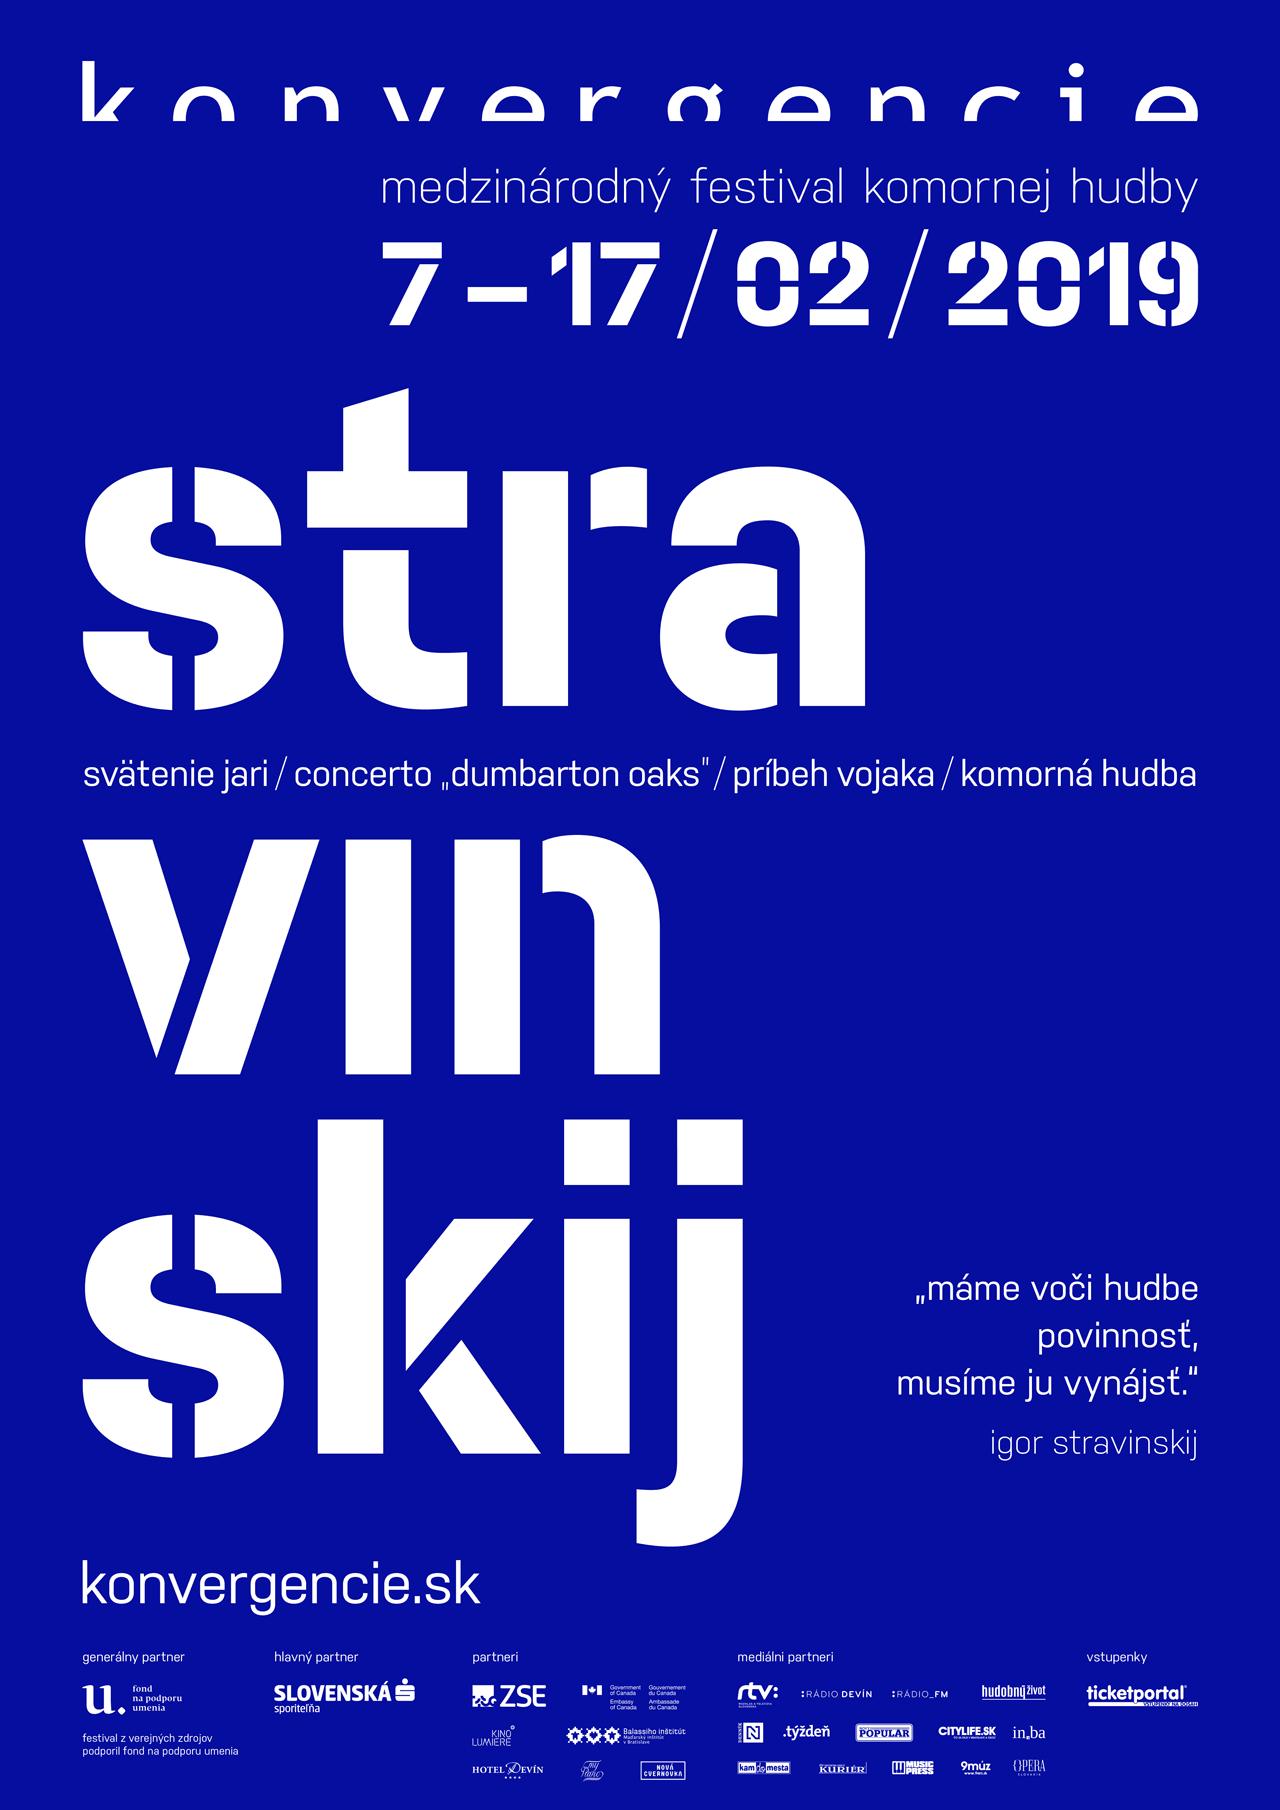 Rebel Igor Stravinskij – exkluzívny hosť festivalu Konvergencie.